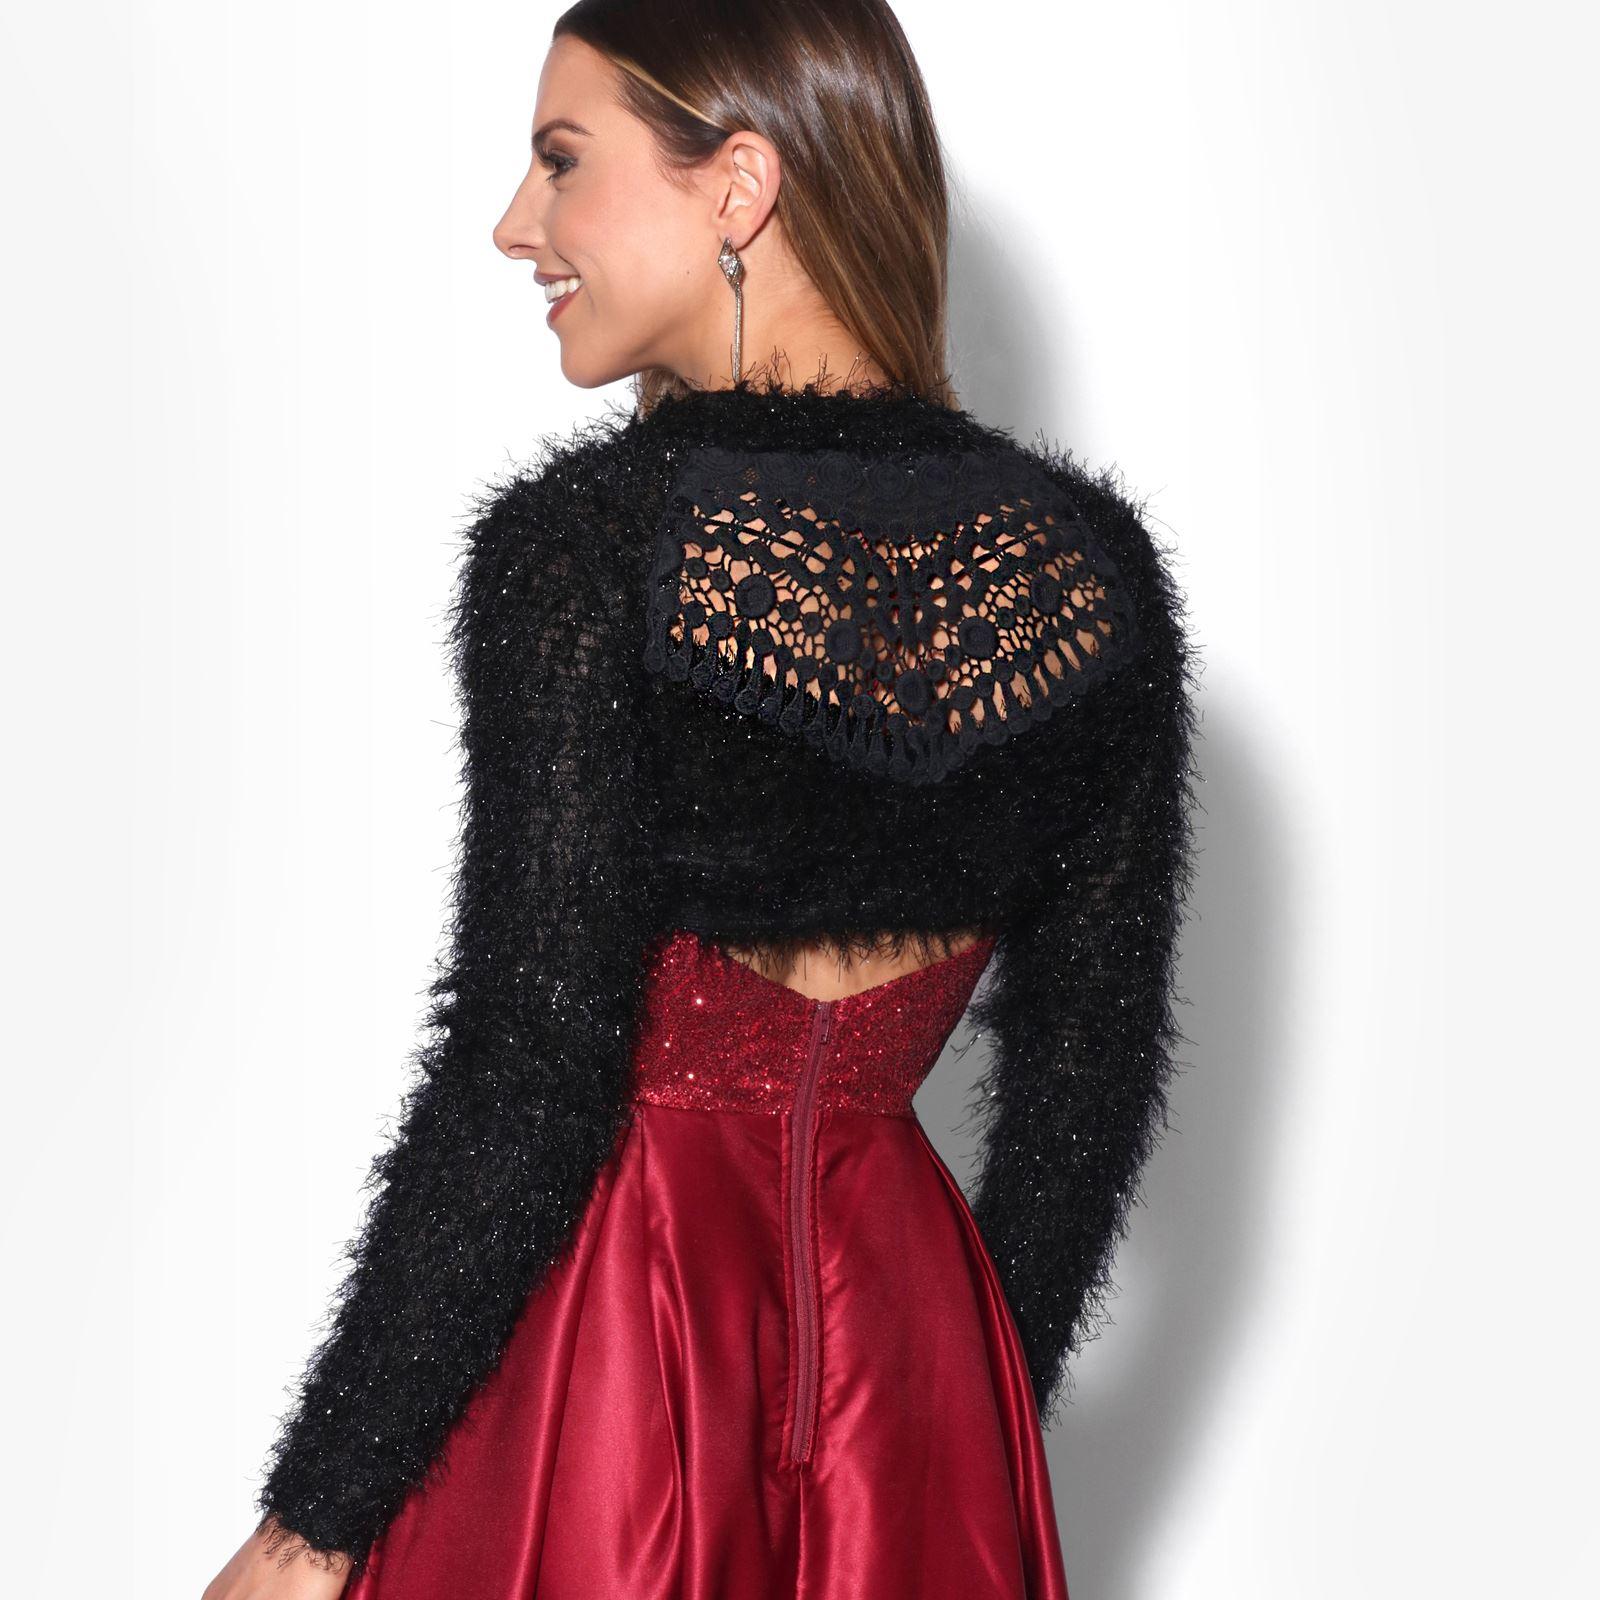 KRISP-Damen-Bolero-Jacke-Kurzes-Jaeckchen-Elegante-Schulterjacke-Blazer-Frauen Indexbild 9